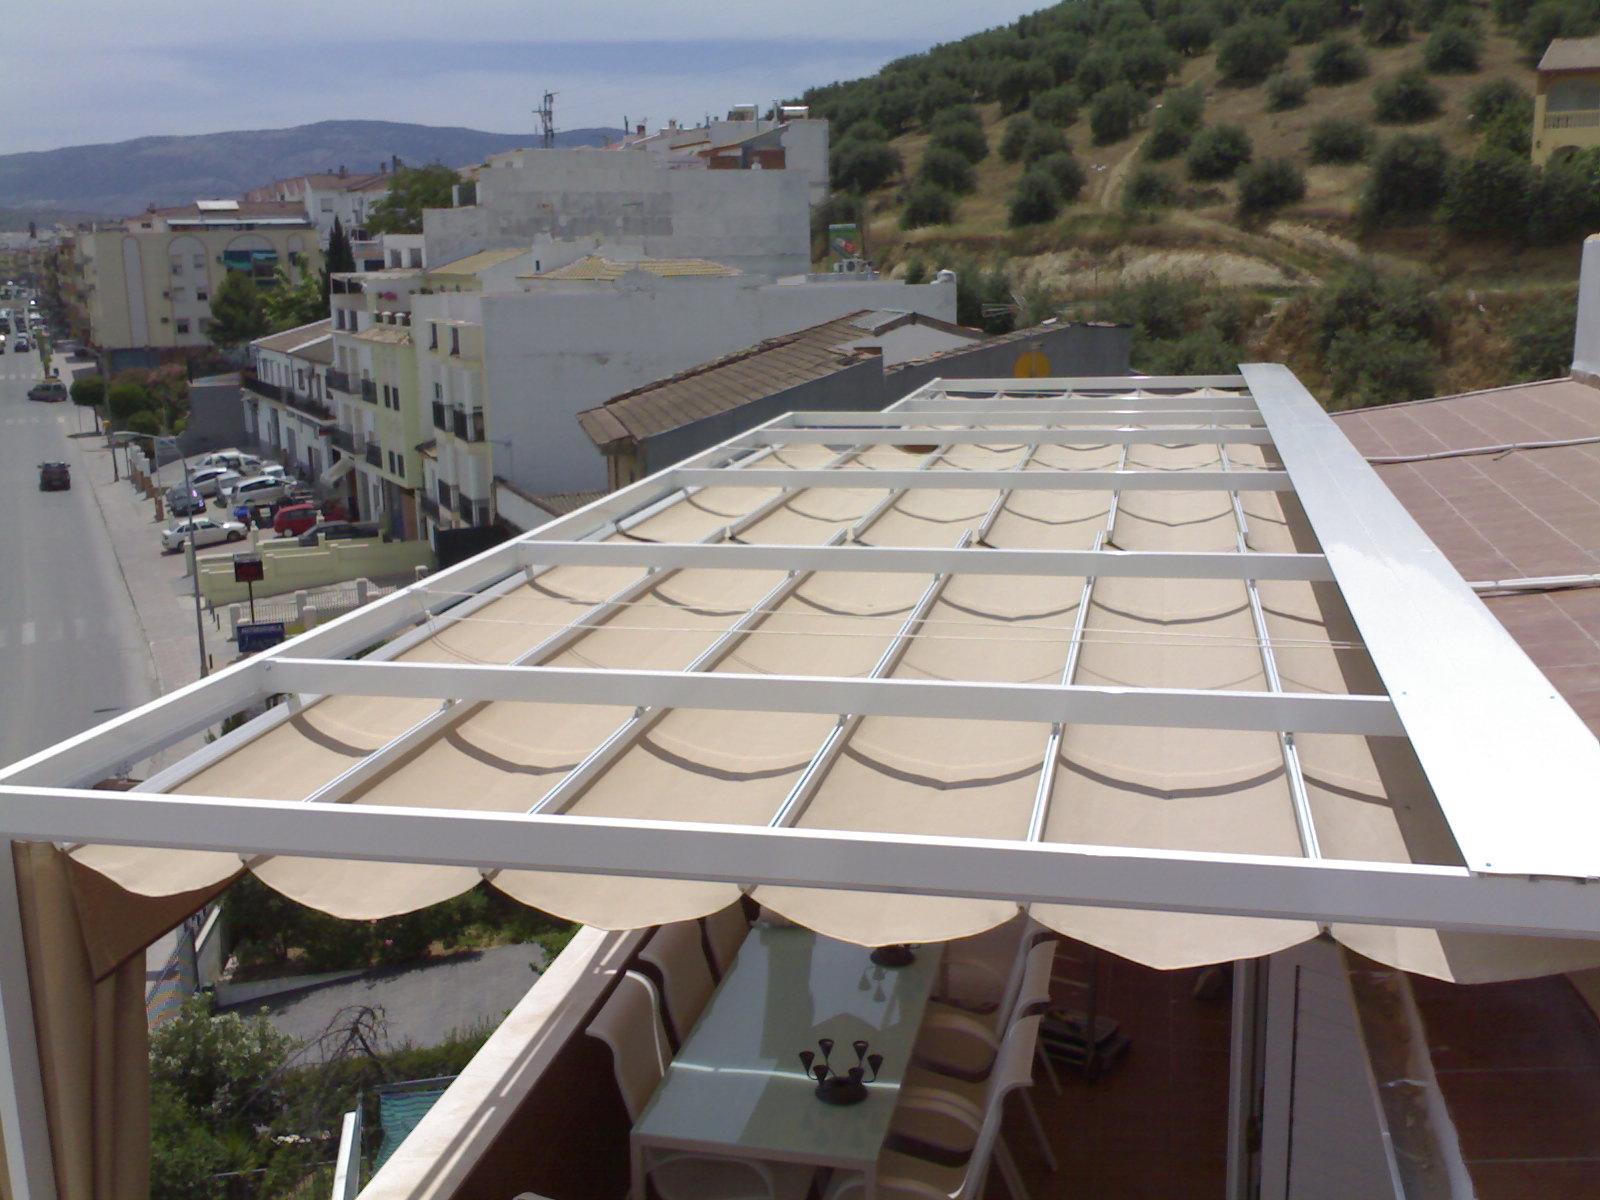 Pérgolas para jardines y terrazas con toldos en Tarragona - Toldos ...